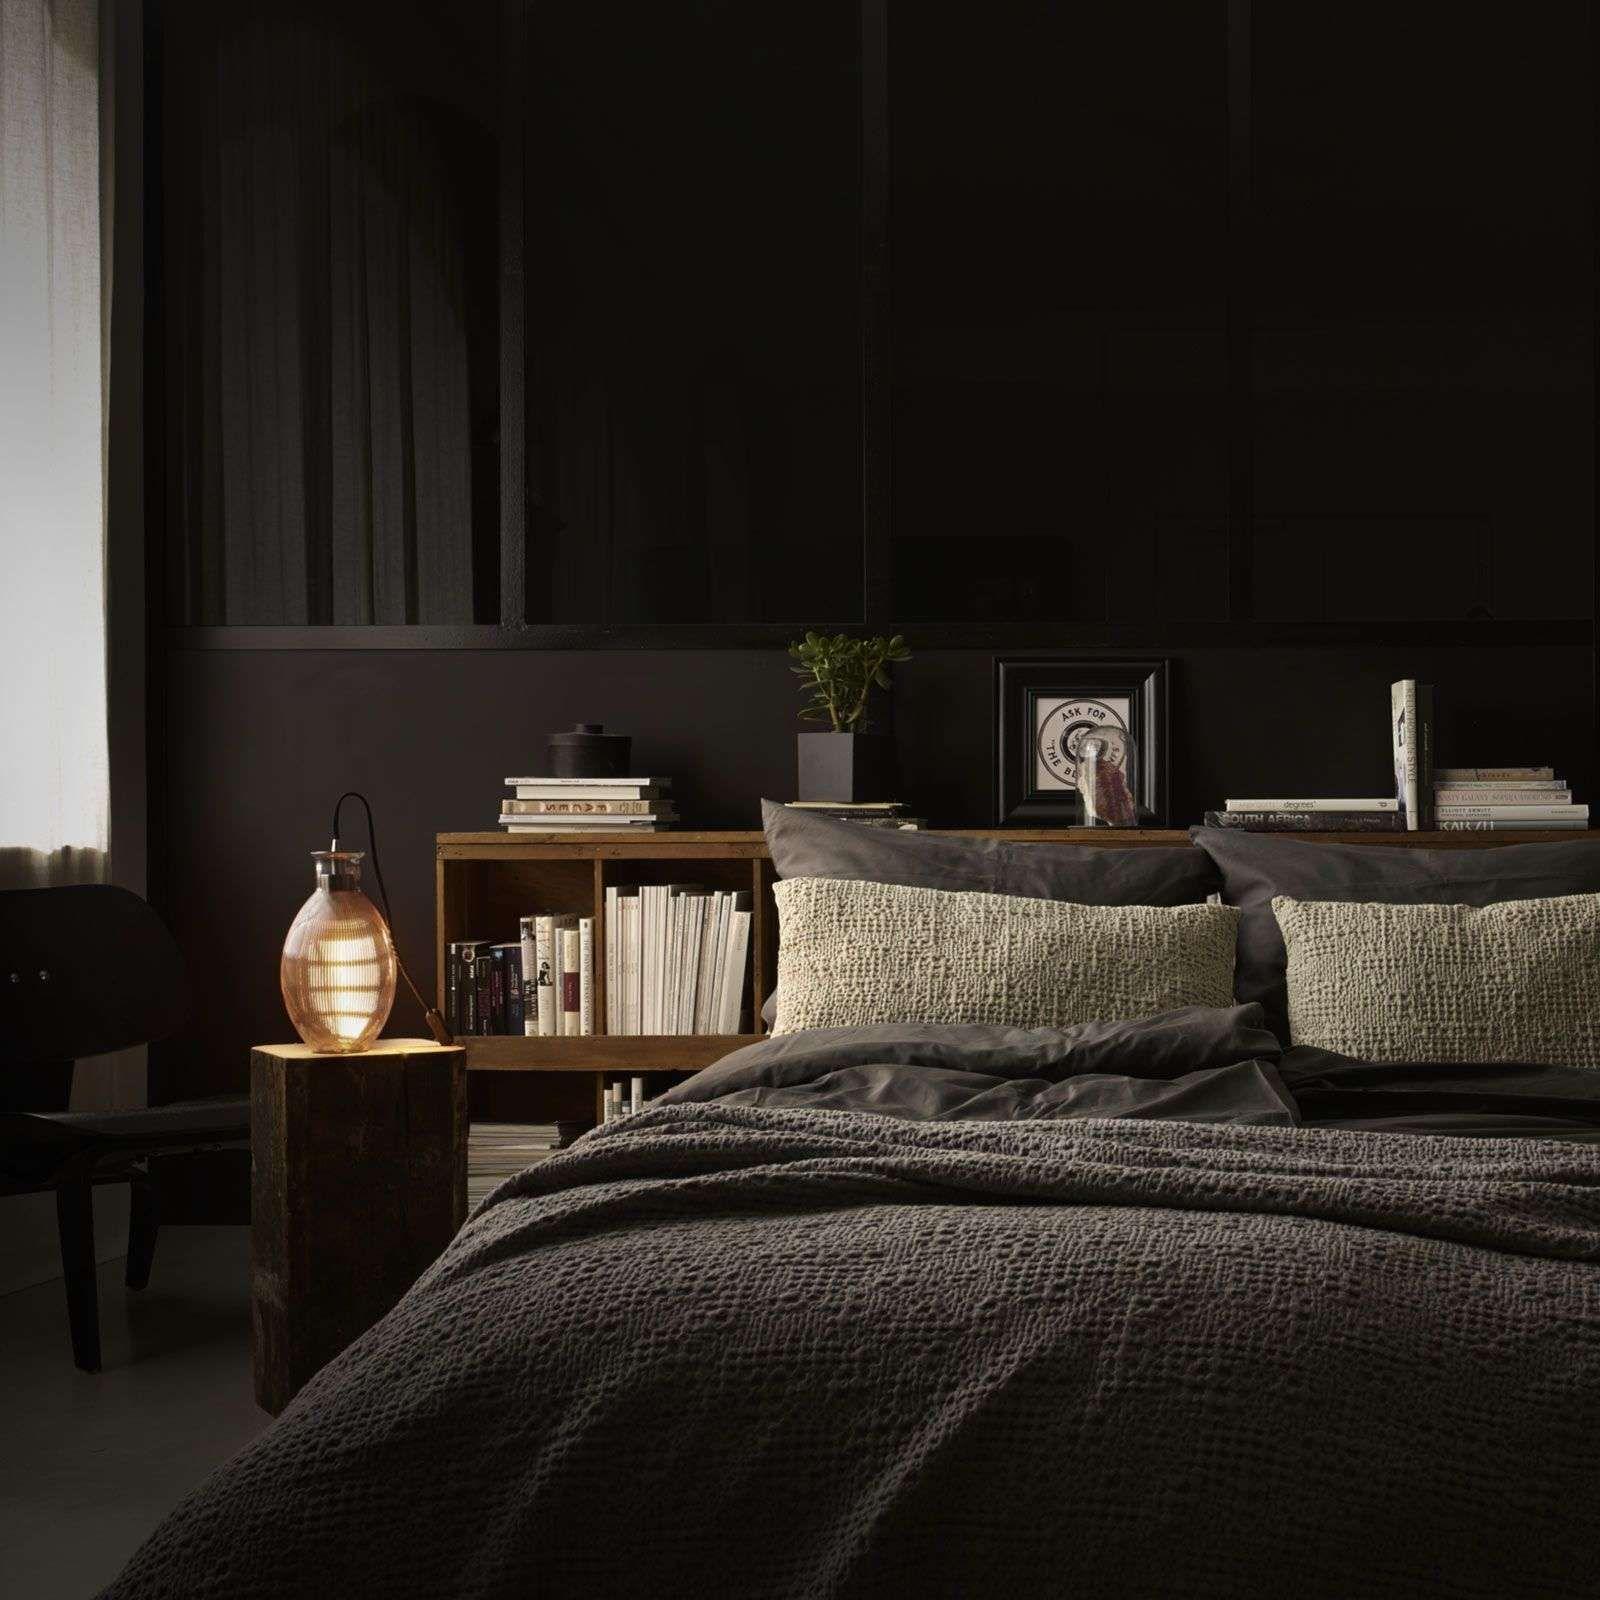 Ledvance Vintage 1906 Carved Table Grape Grise En 2020 Lampes De Table Lampe A Poser Source Lumineuse